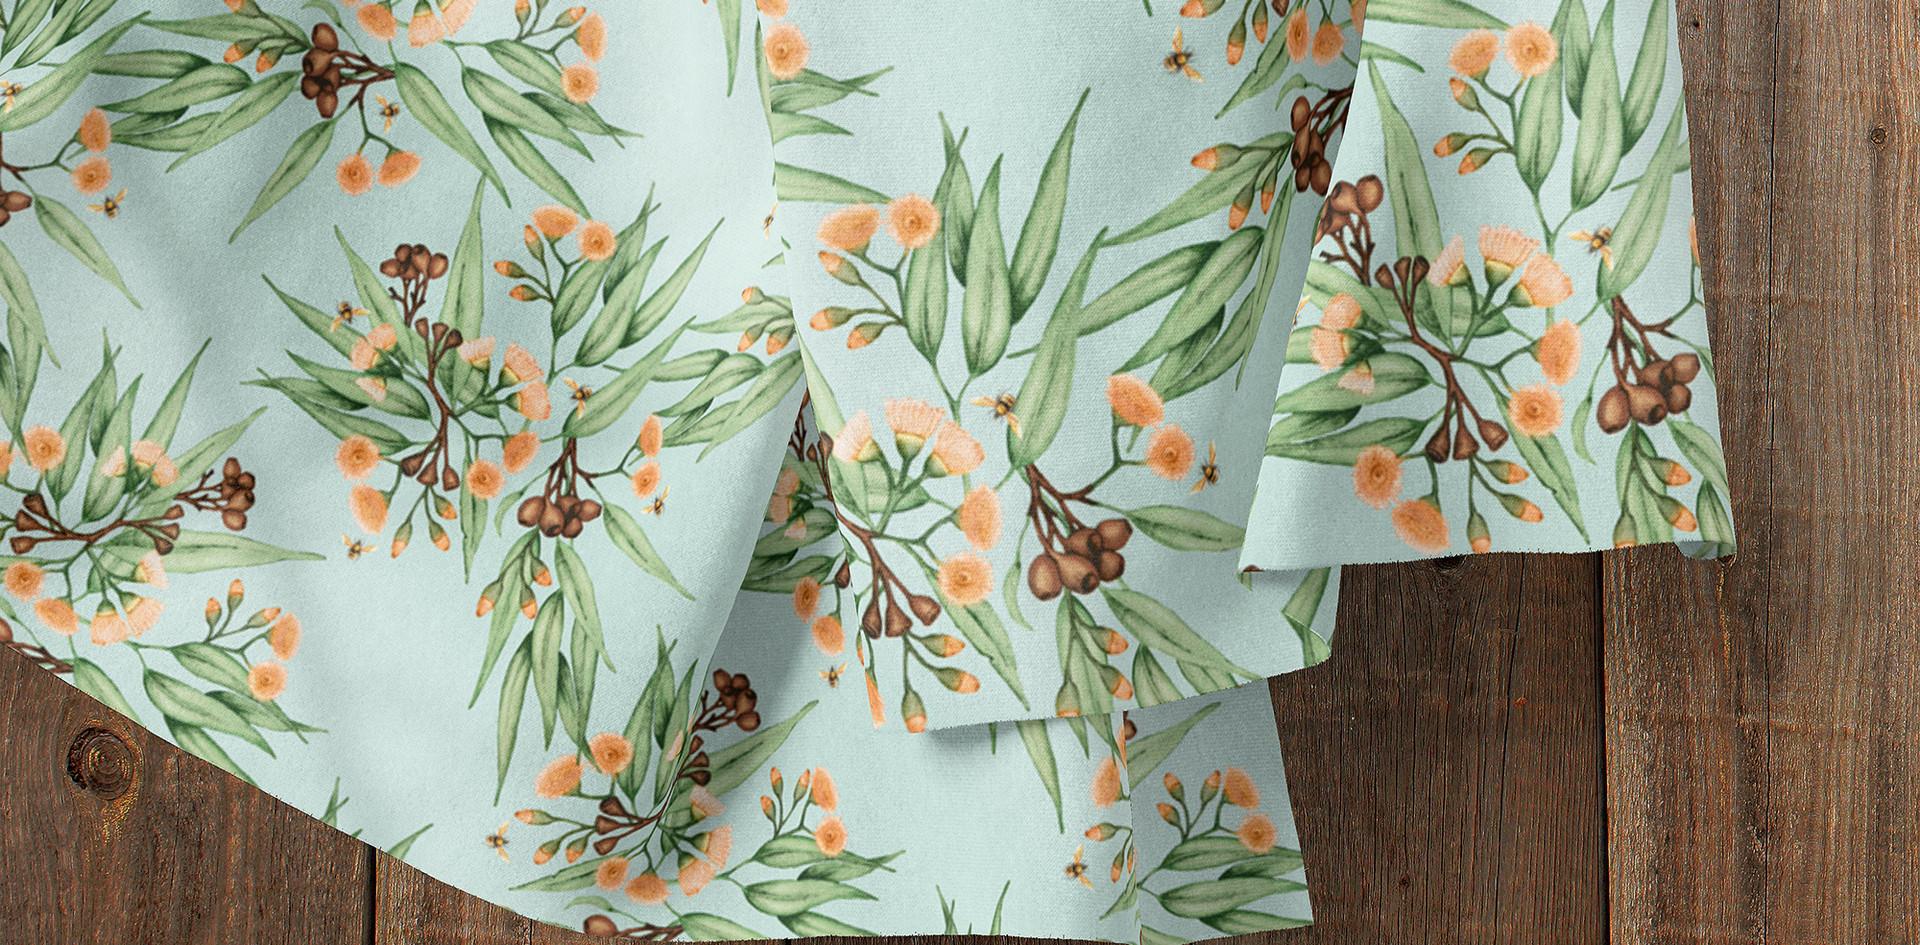 Australiana Fabrics